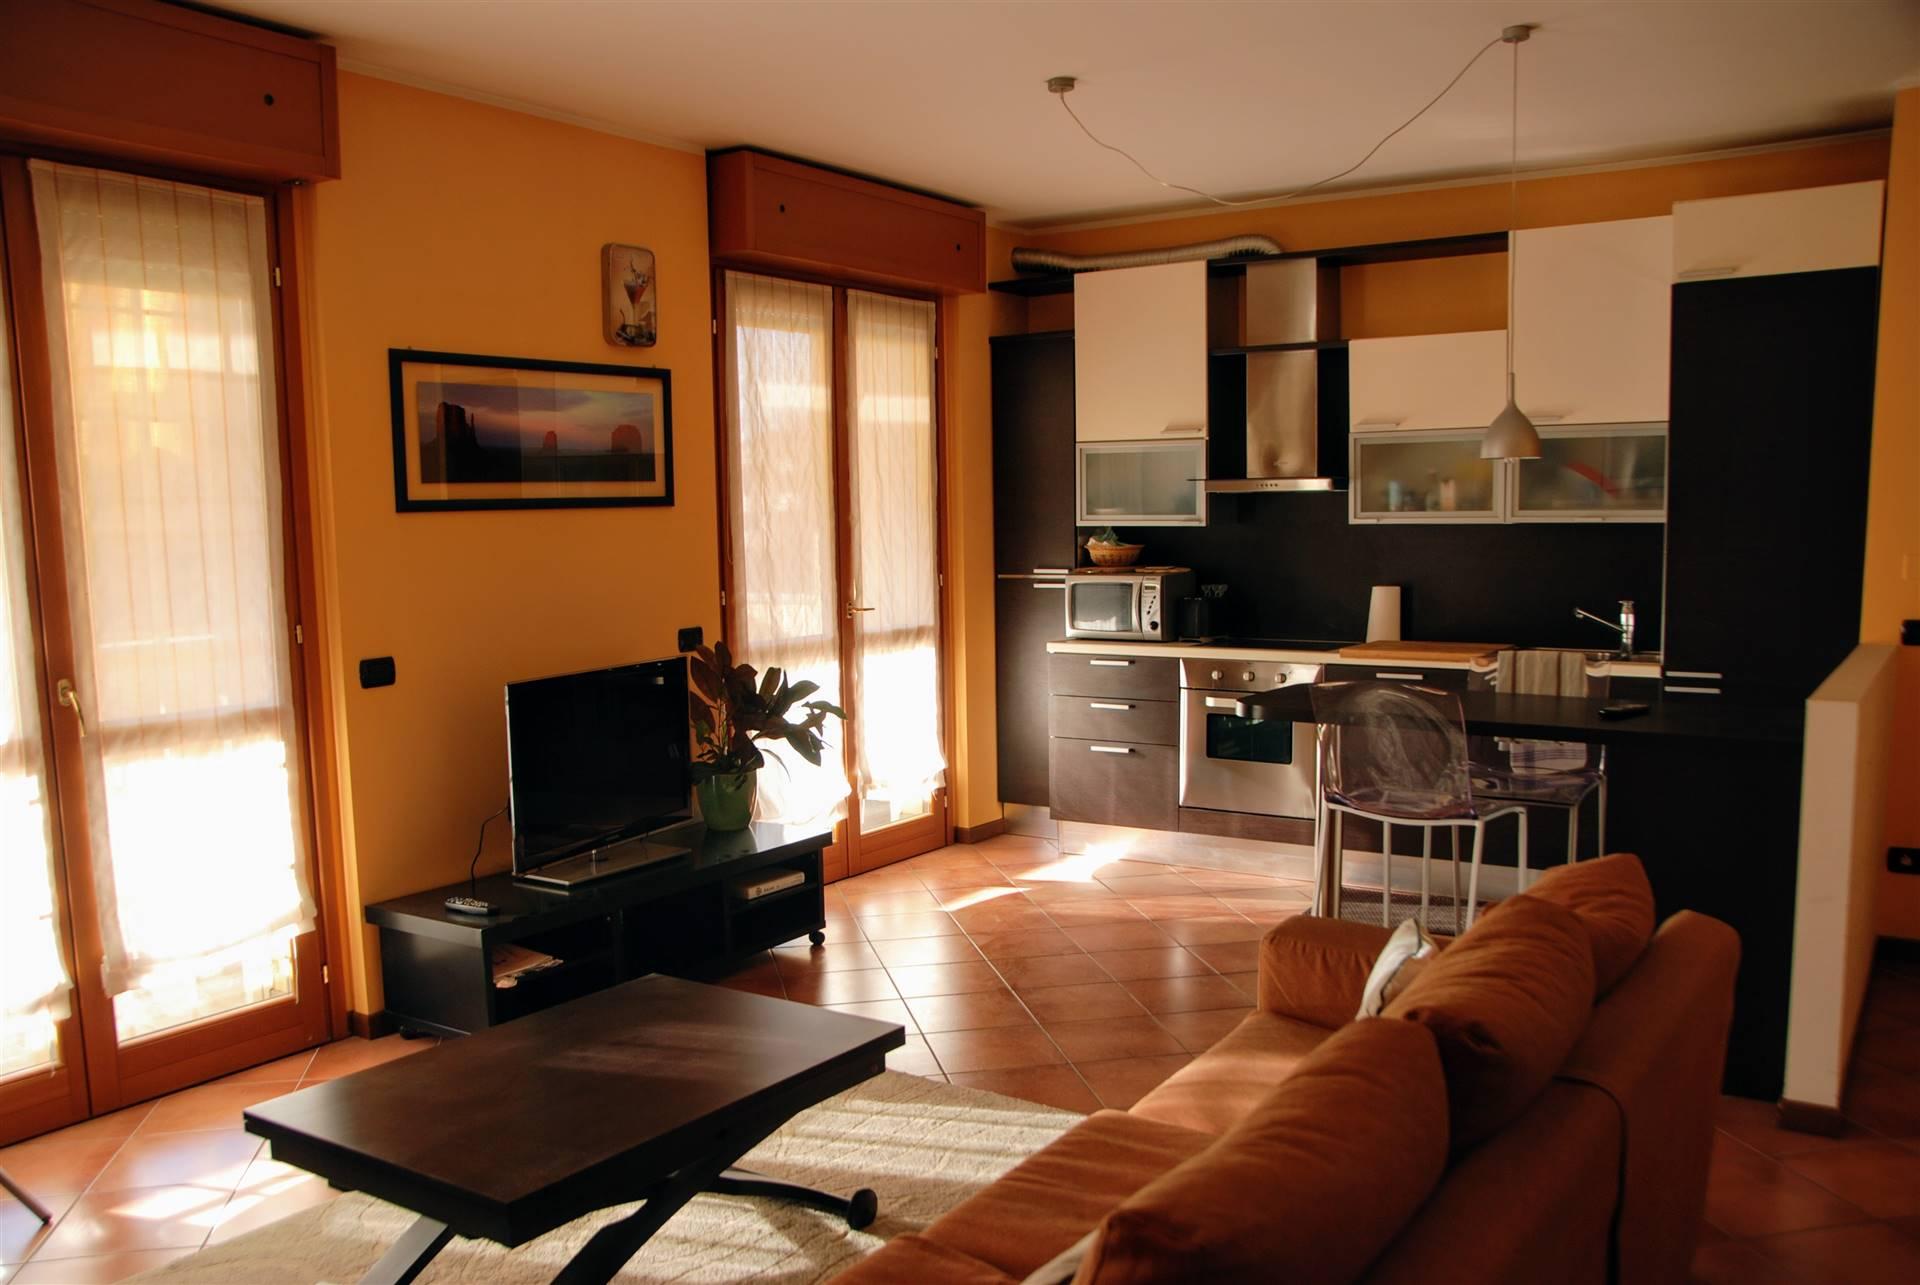 Vendita grazioso appartamento con balcone/terrazzo sfruttabile, in contesto residenziale di Cernusco Sul Naviglio. Lo stabile è recente di